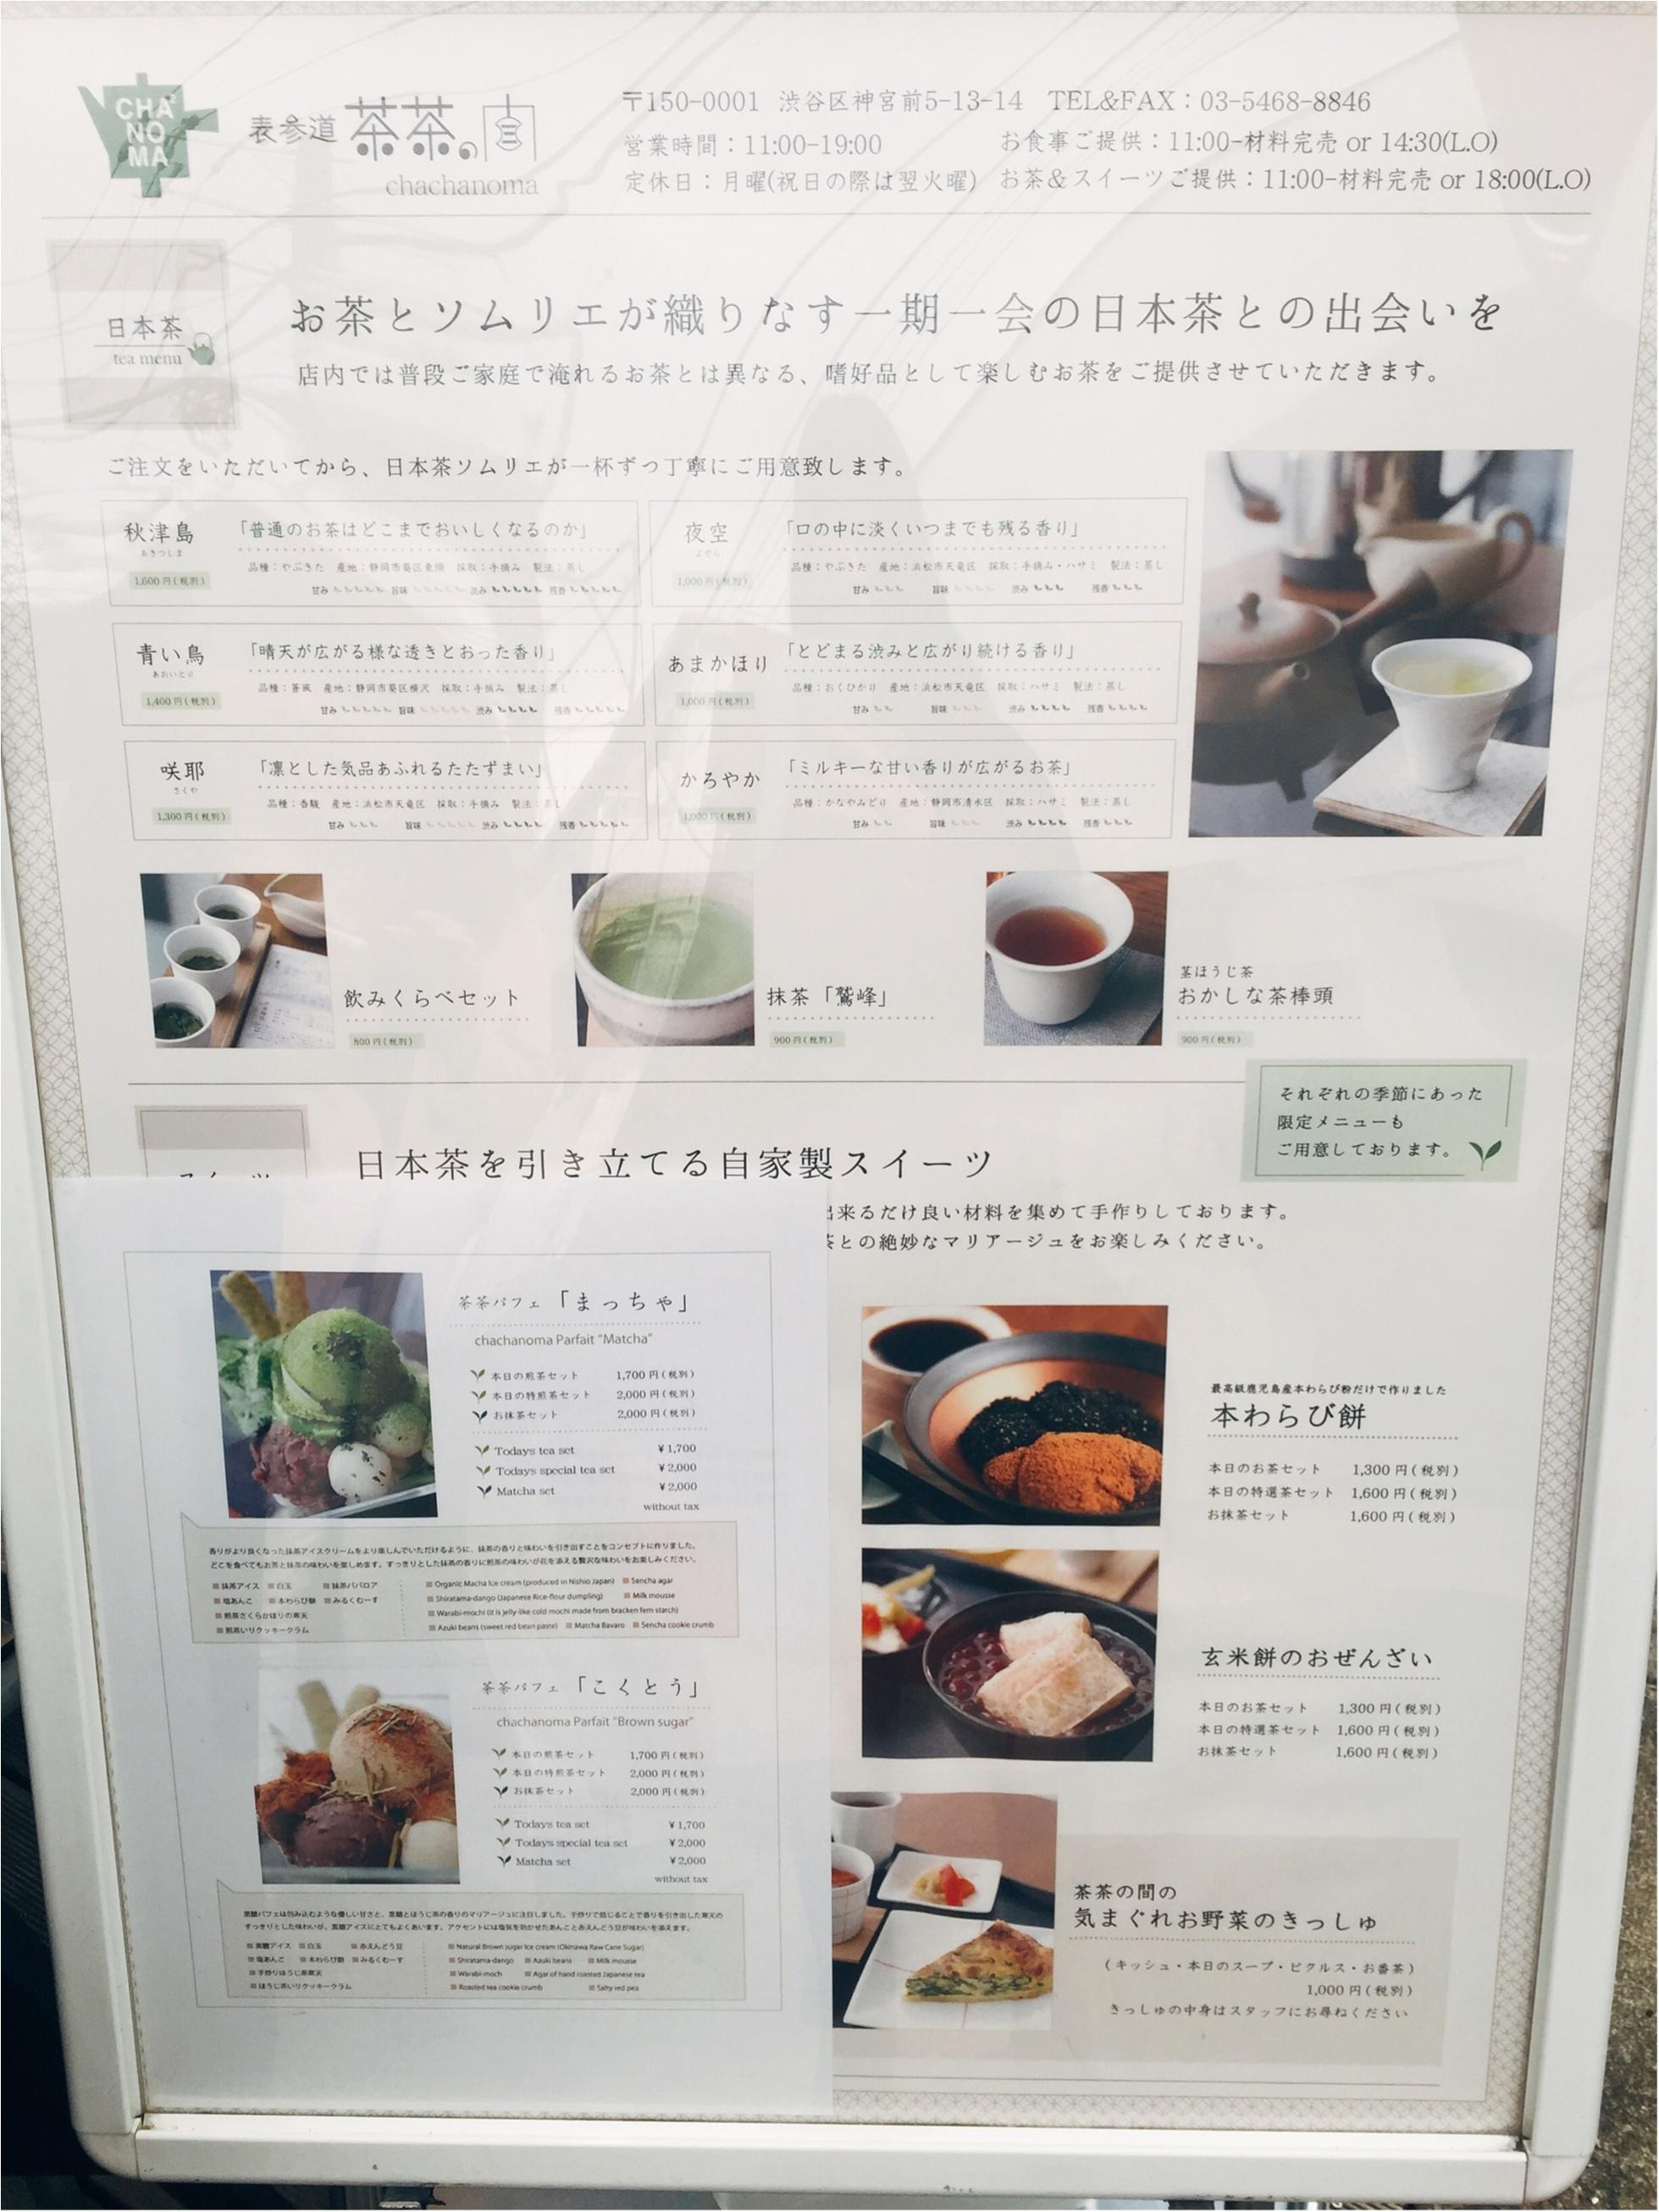 【表参道】日本茶が楽しめるカフェ♡期間限定《苺いり抹茶ティラミス》を食べに行きました♩_2